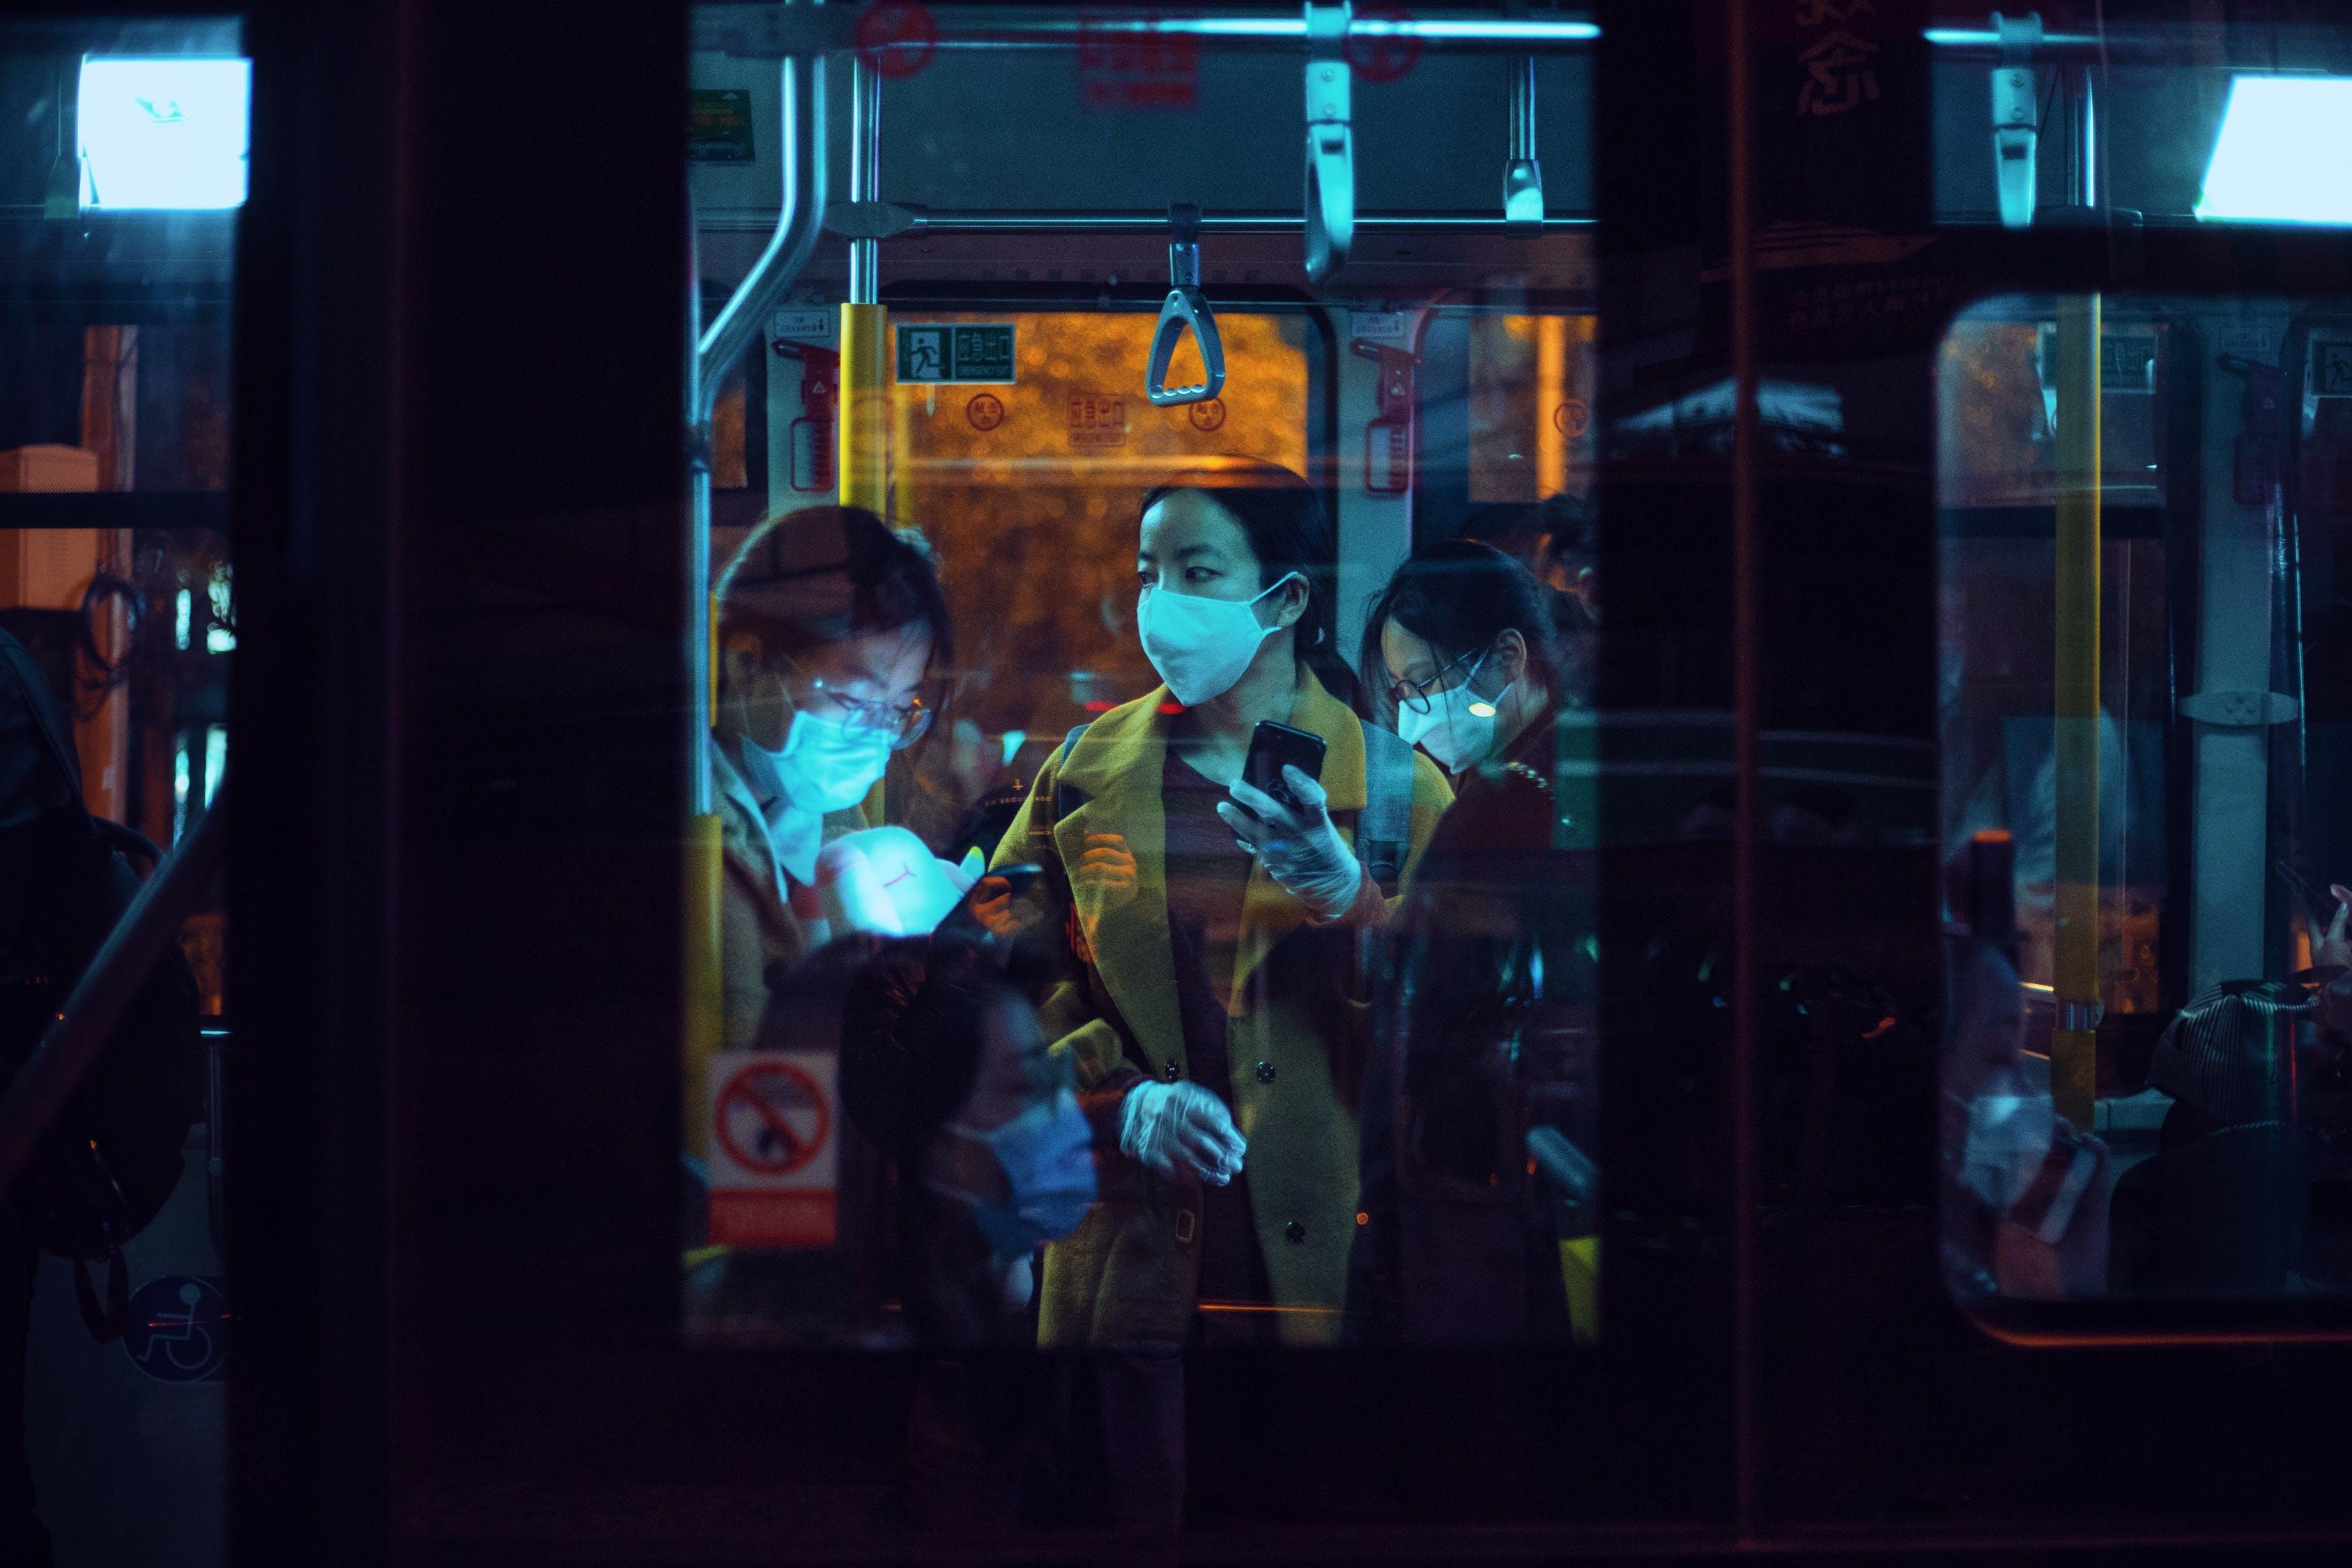 Csekély a bizonyíték arra, hogy a tömegközlekedés terjesztené a vírust